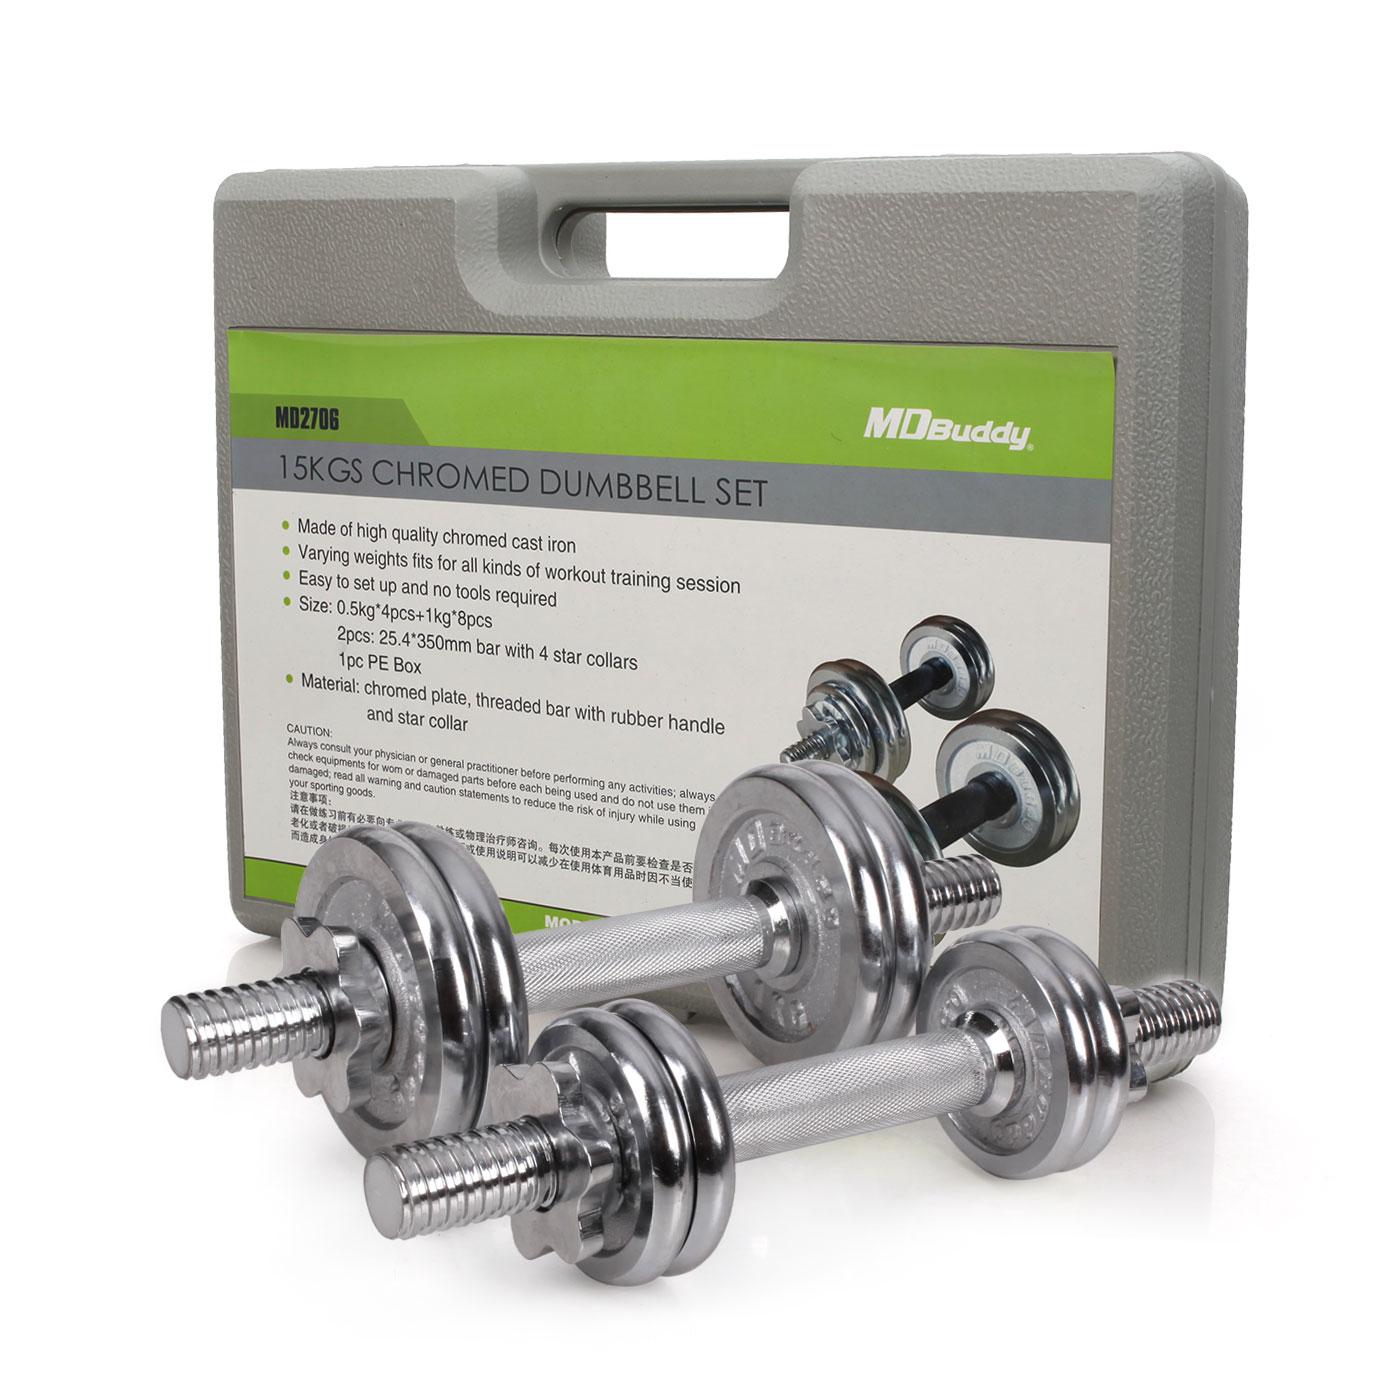 MDBuddy 電鍍組合式啞鈴(灰色盒子) 6012701